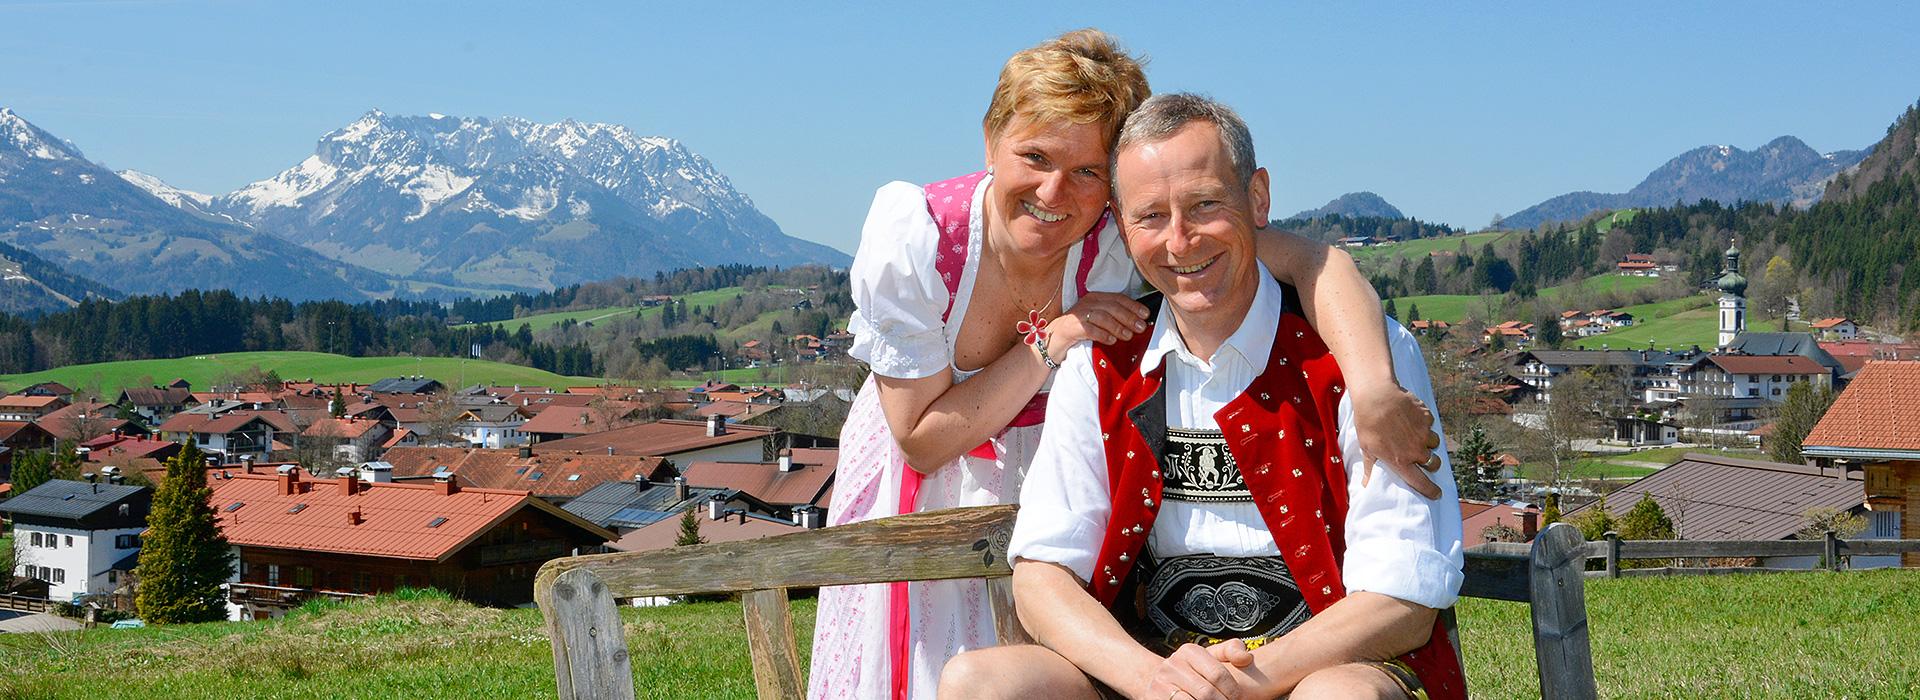 Ferienwohnung Reit im Winkl, Gastgeber Neumaier